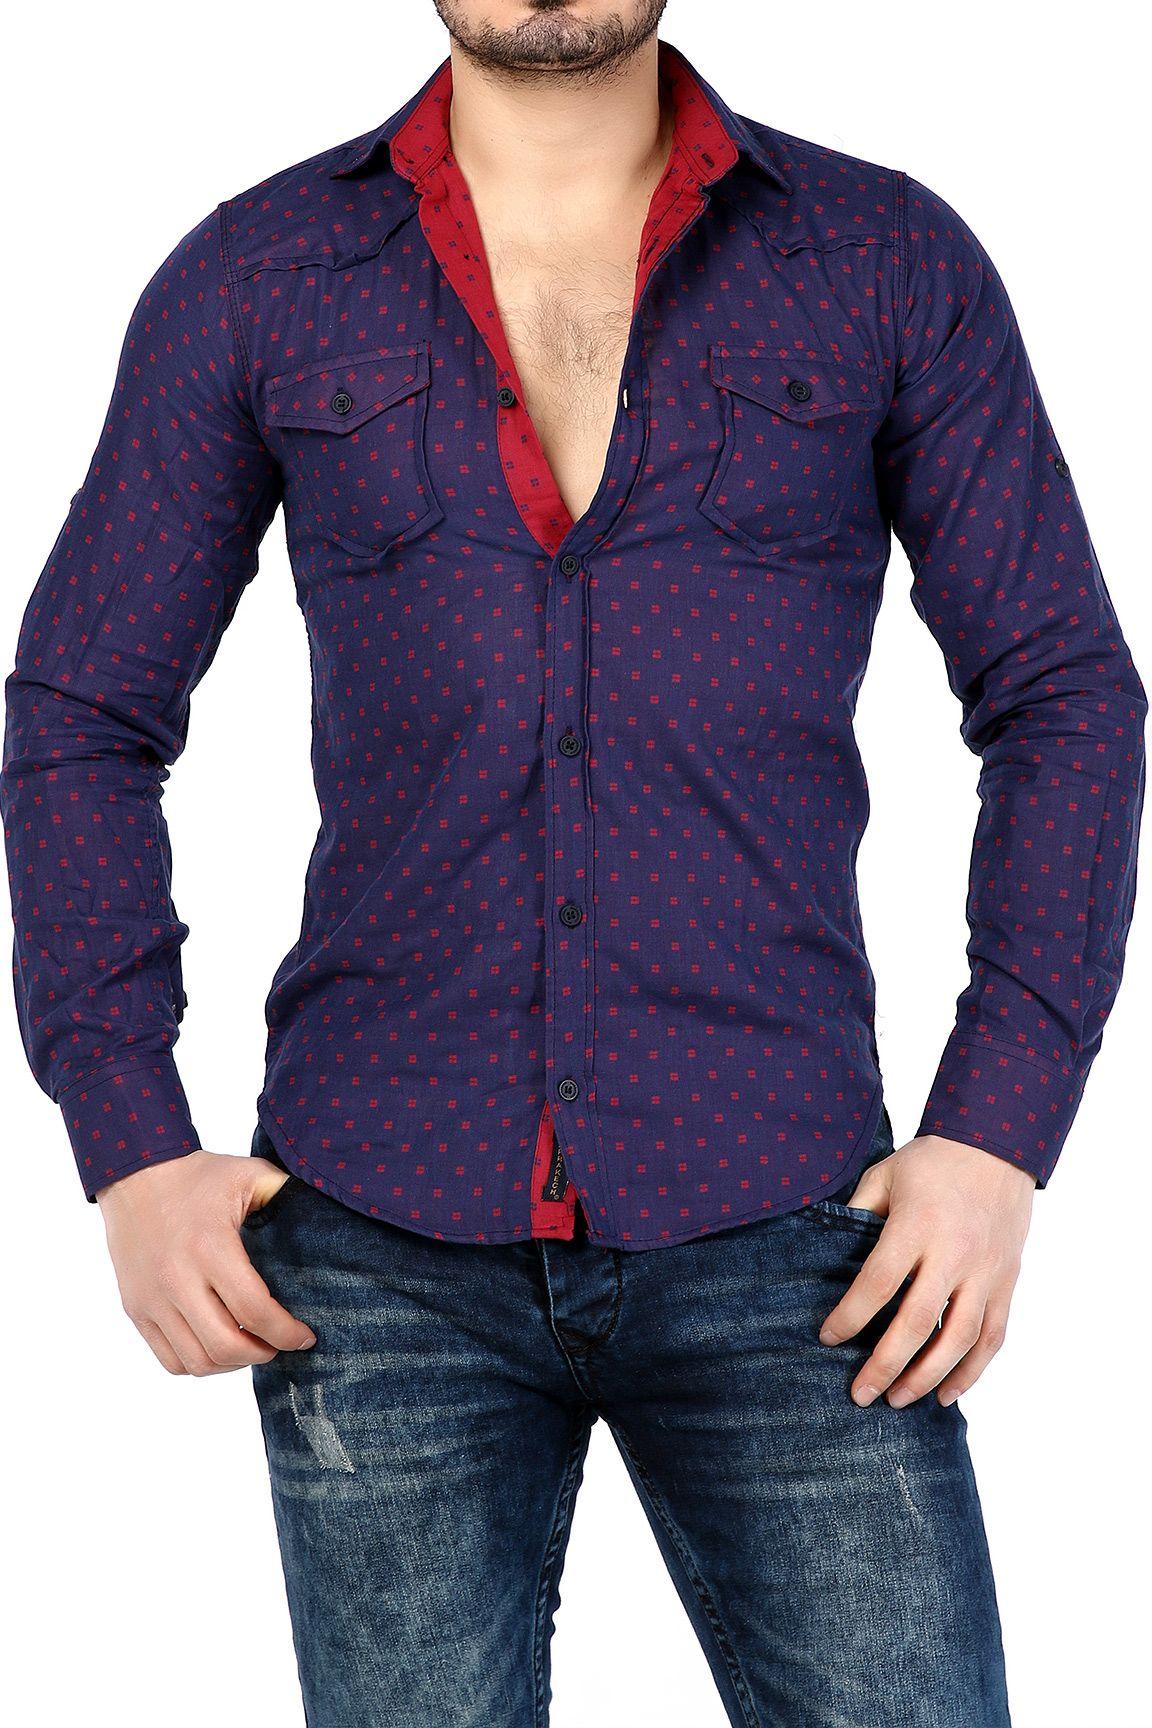 احدث قمصان شبابى تركي كاجوال انيقة 2015 2016 تشكيلة مميزة لارقي قمصان رجاليه شبابيه باشكال متنوعة مفتوحة الصدر و مغلقة الصدر من ا Mens Tops Mens Tshirts Men